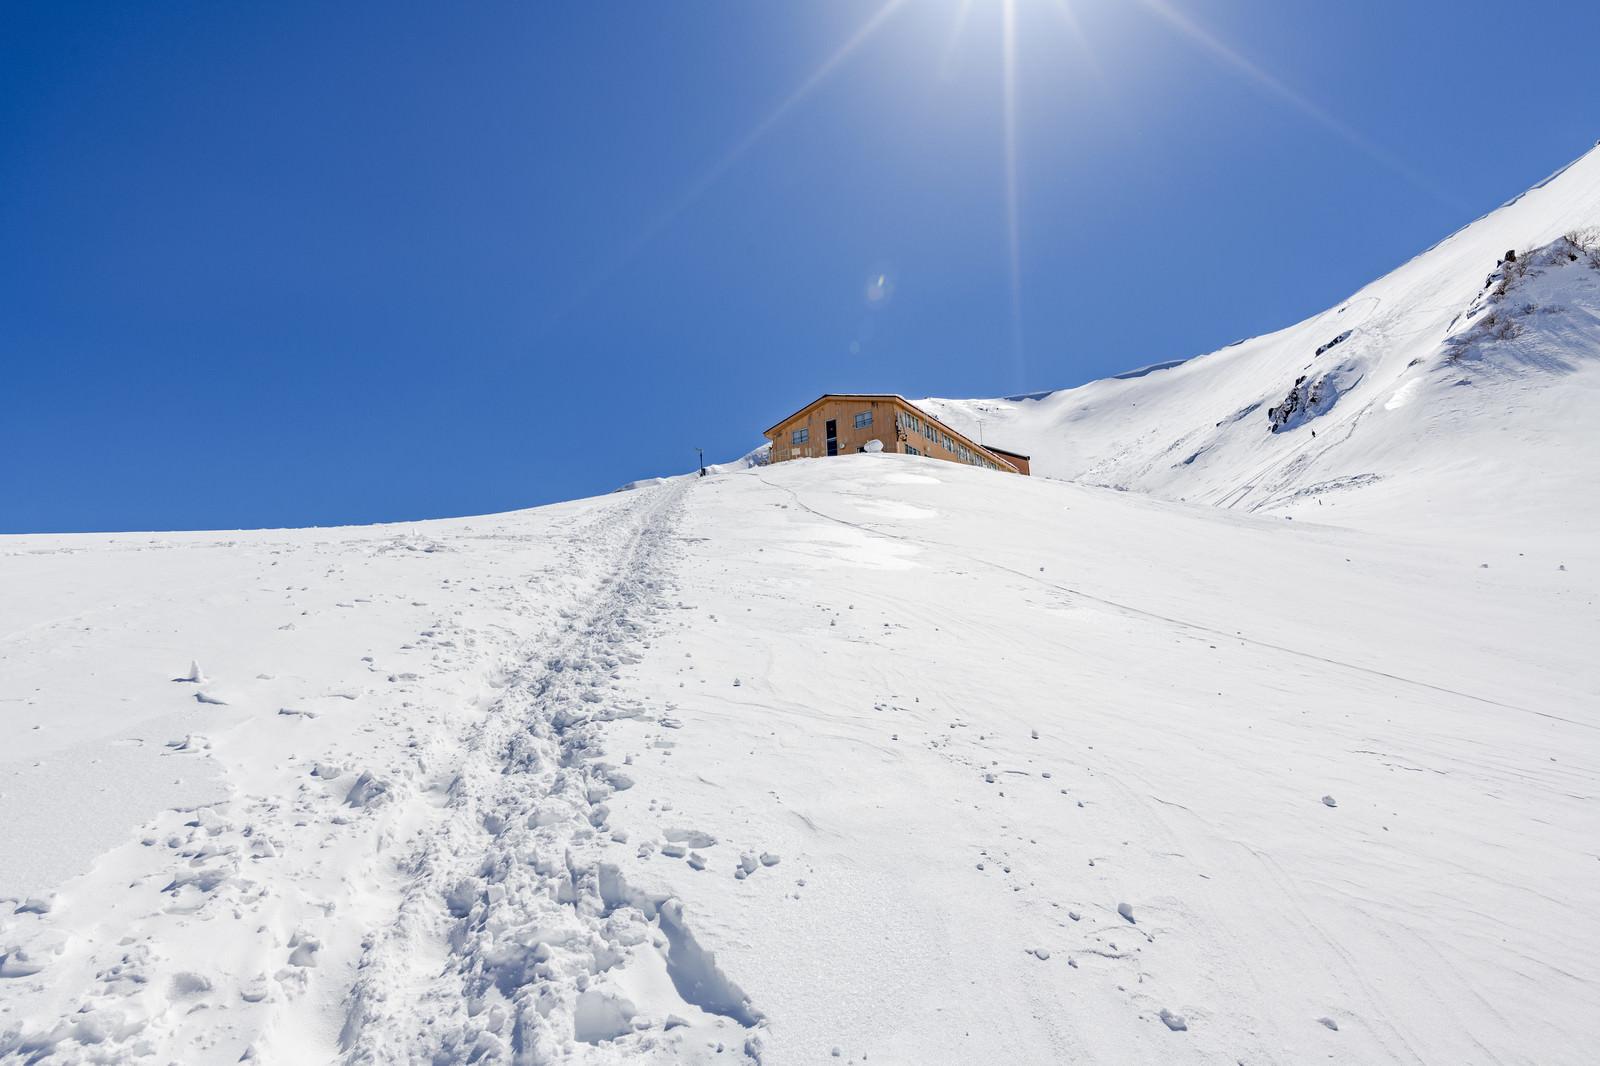 「雪原の山小屋への帰り道」の写真